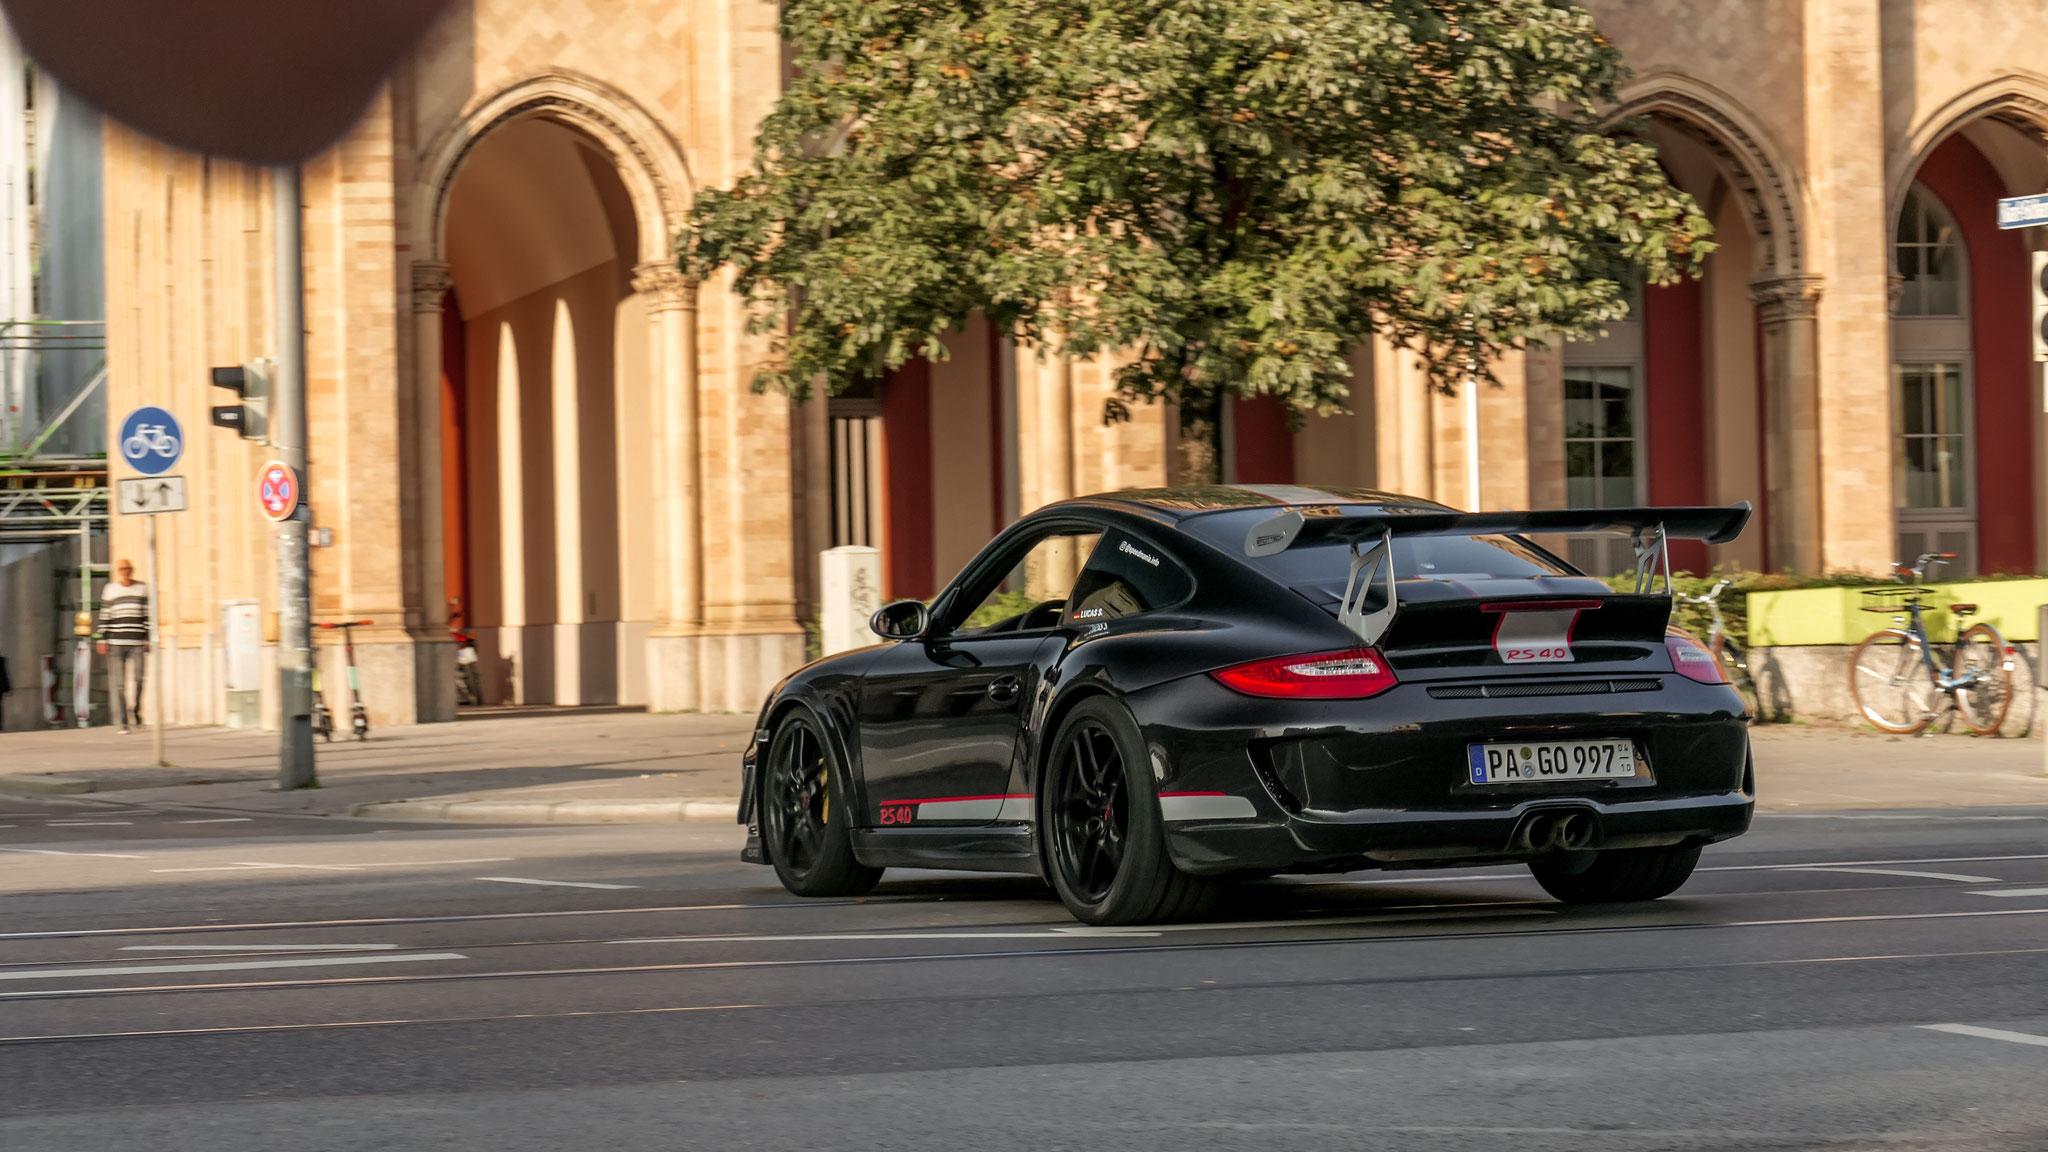 Porsche 911 GT3 RS 4.0 - PA-GO-997